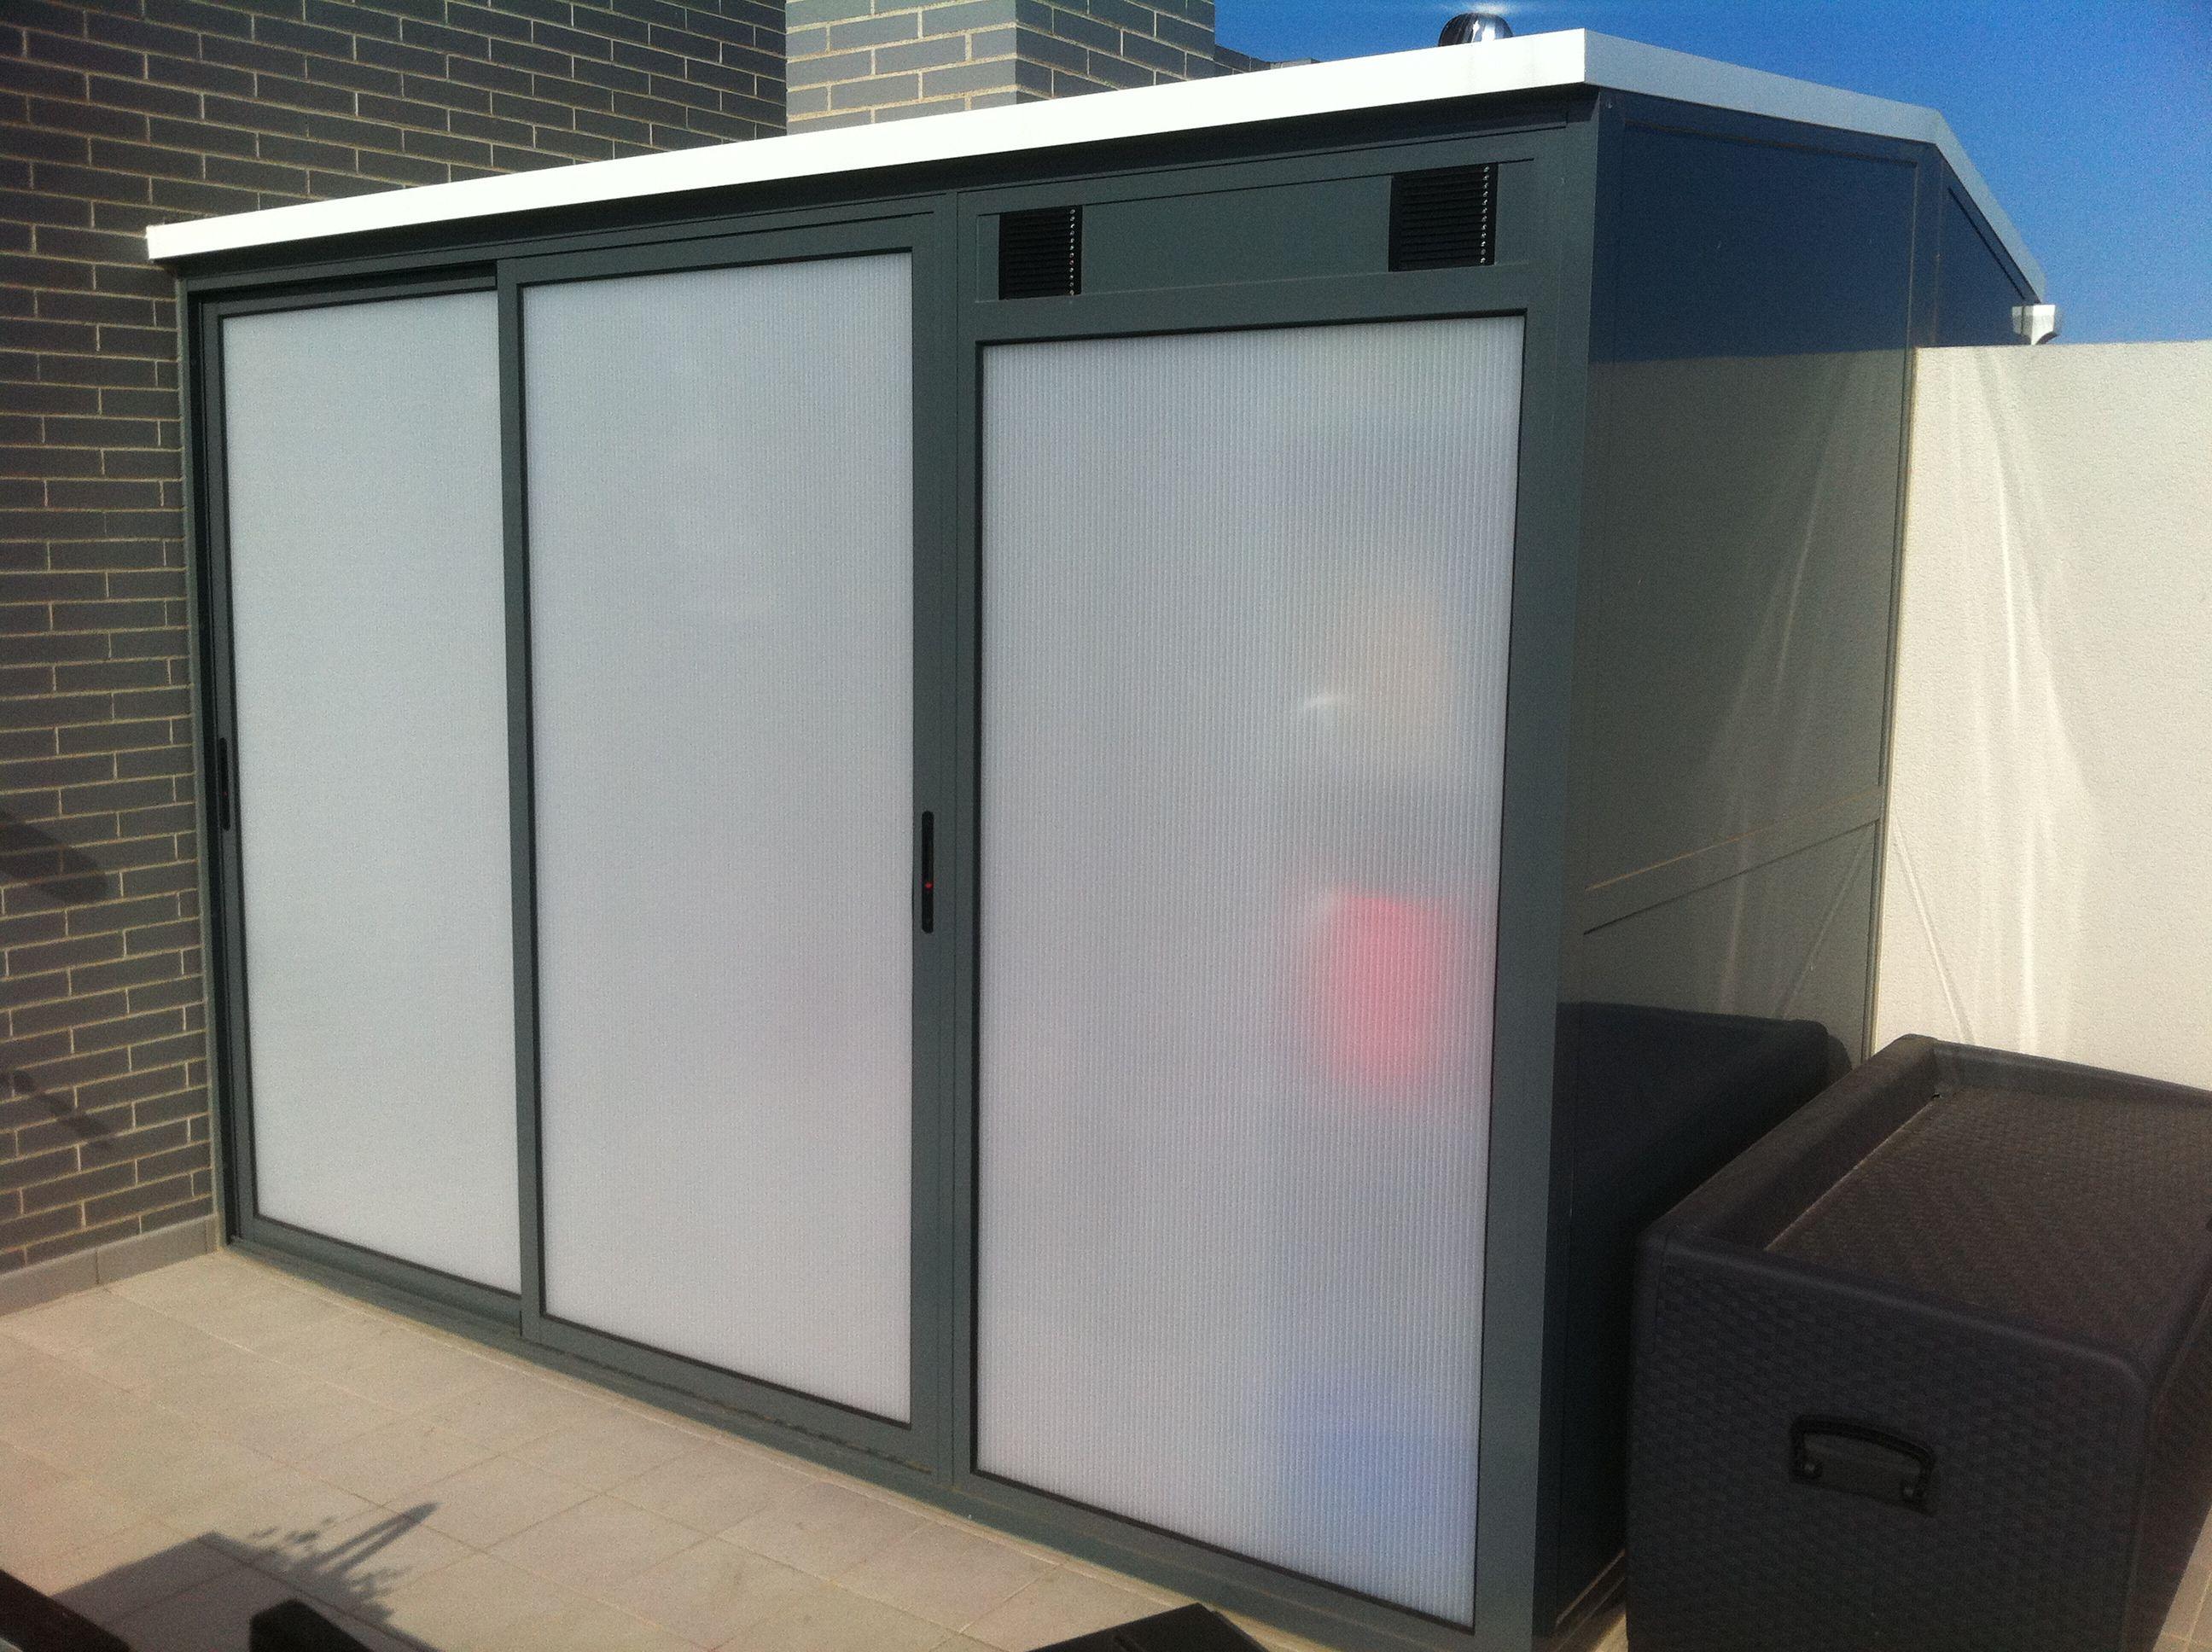 Catalogo aluminio hd 1080p 4k foto for Casetas aluminio para terrazas